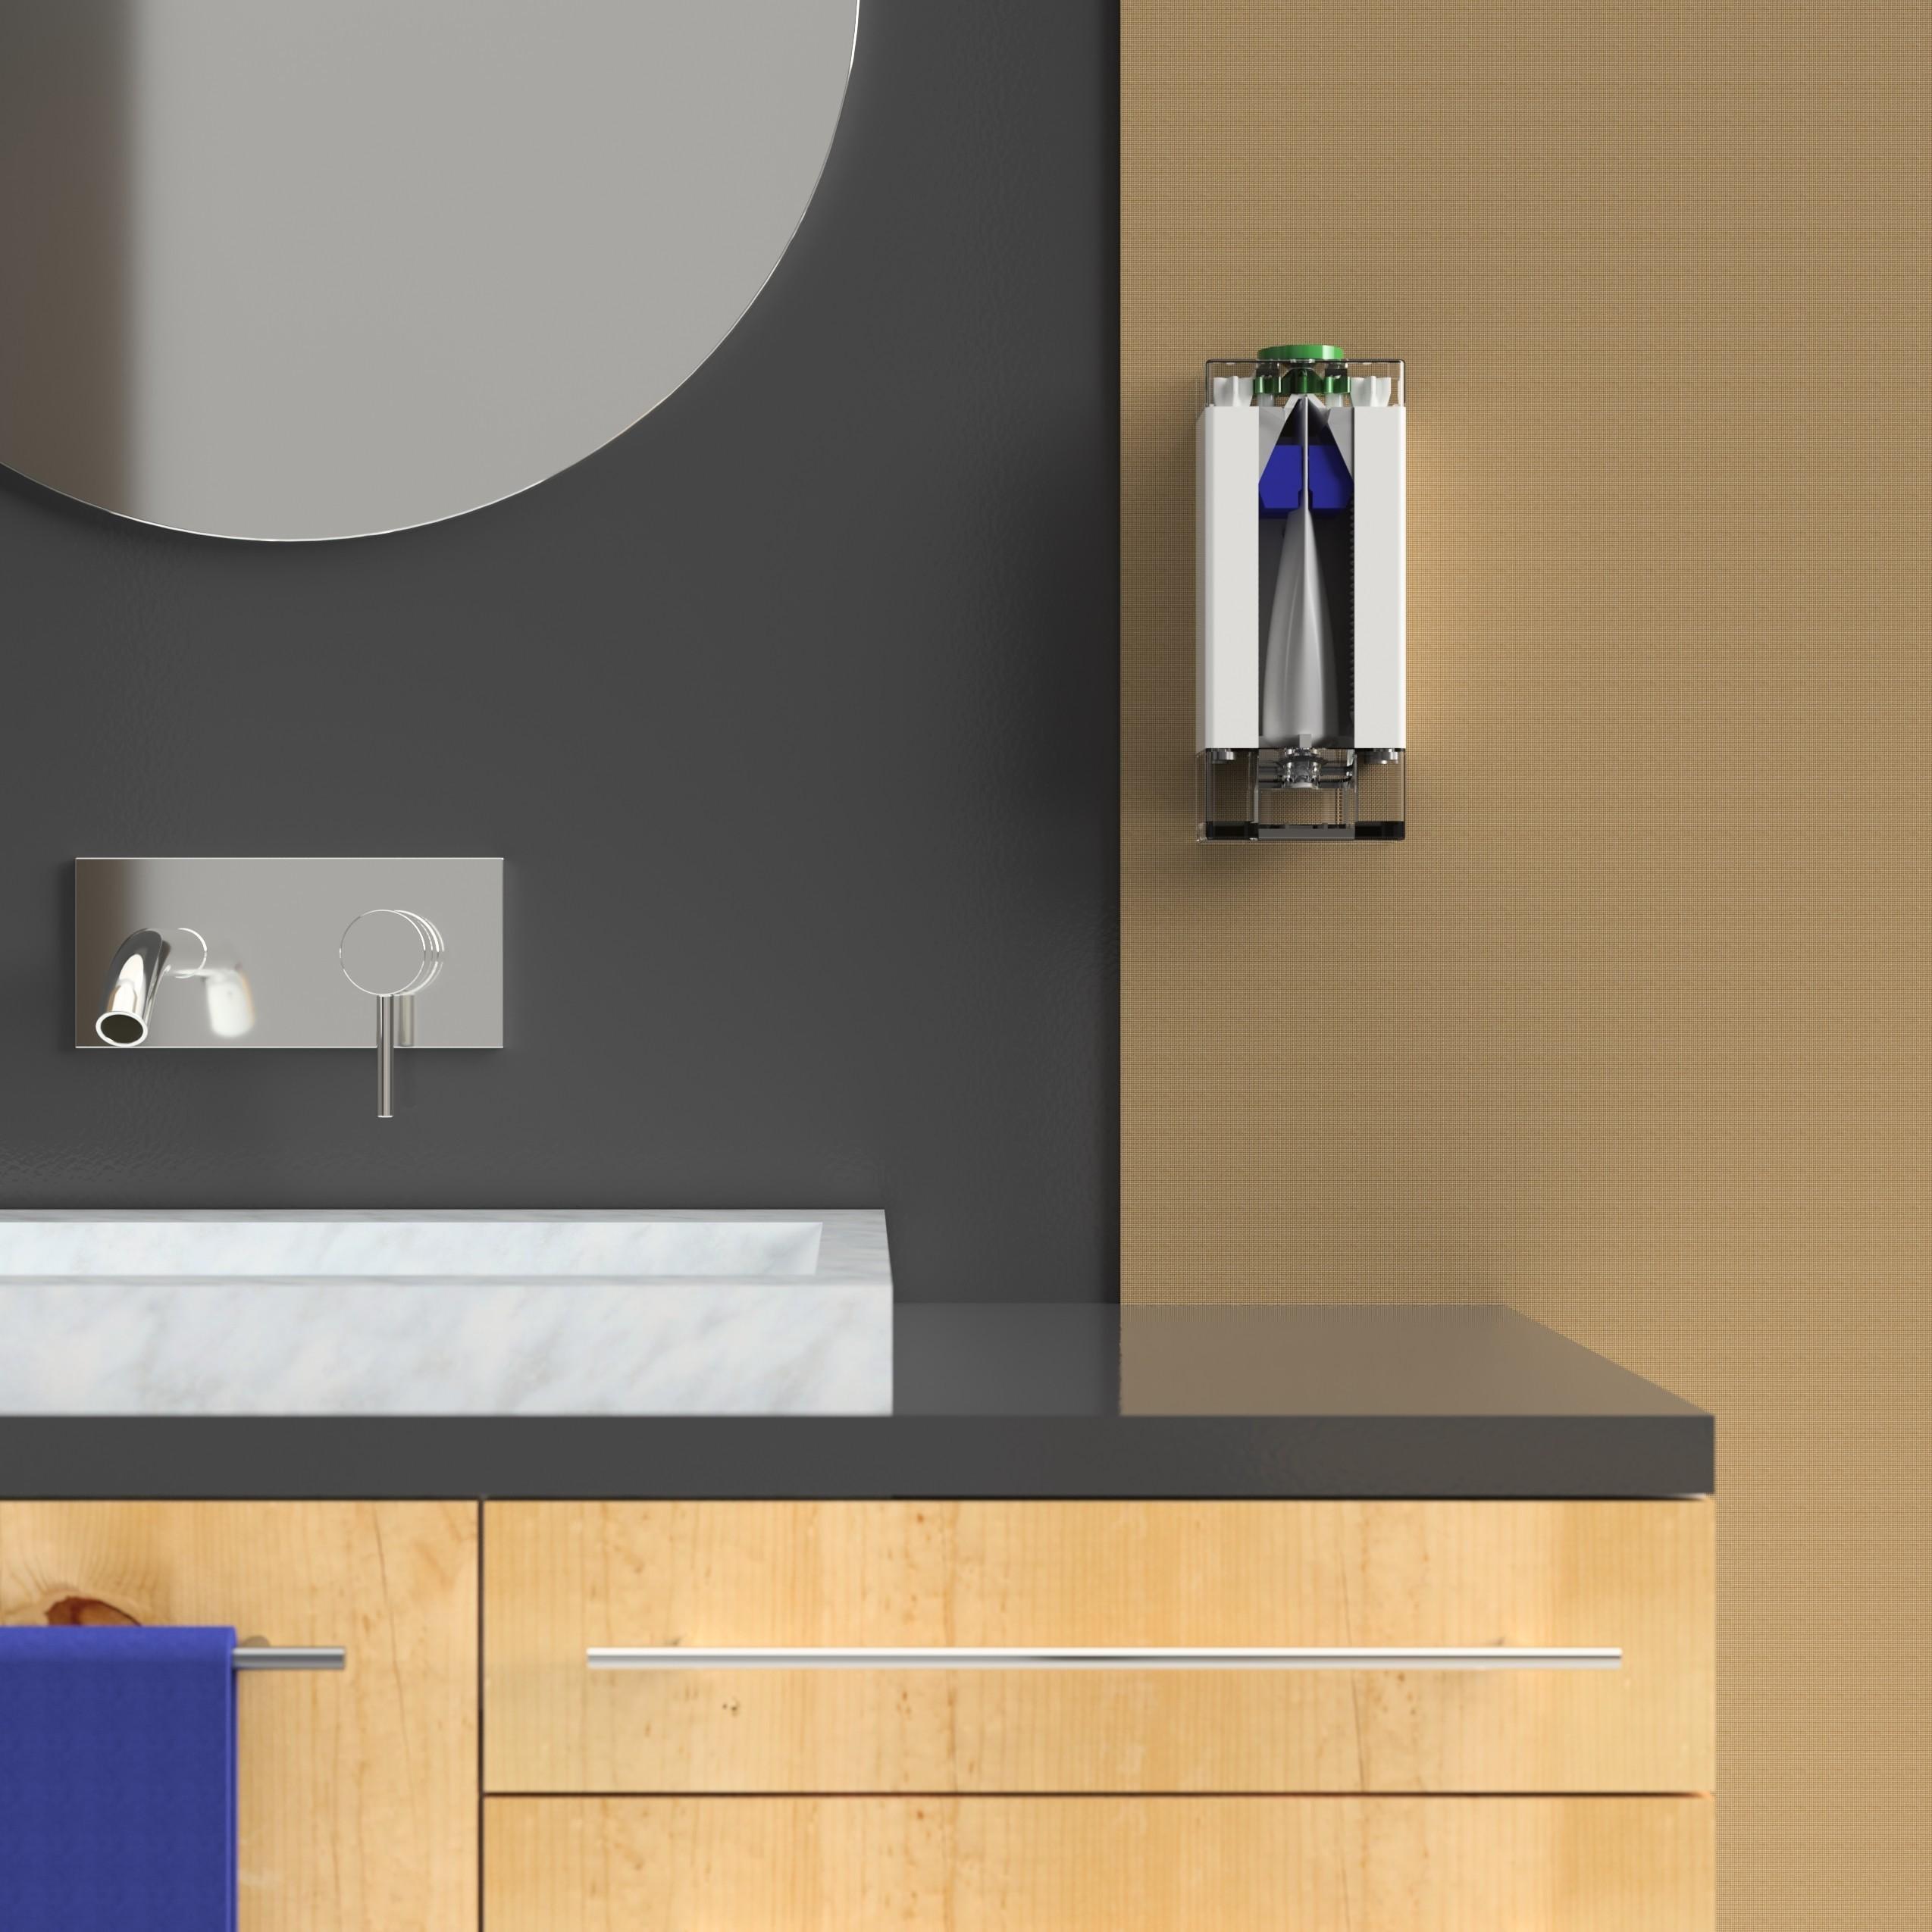 wc_asm_2017-Nov-28_06-22-06PM-000_CustomizedView18903959793_png.jpg Télécharger fichier STL gratuit Distributeur à dentifrice • Design imprimable en 3D, Anthony_SA